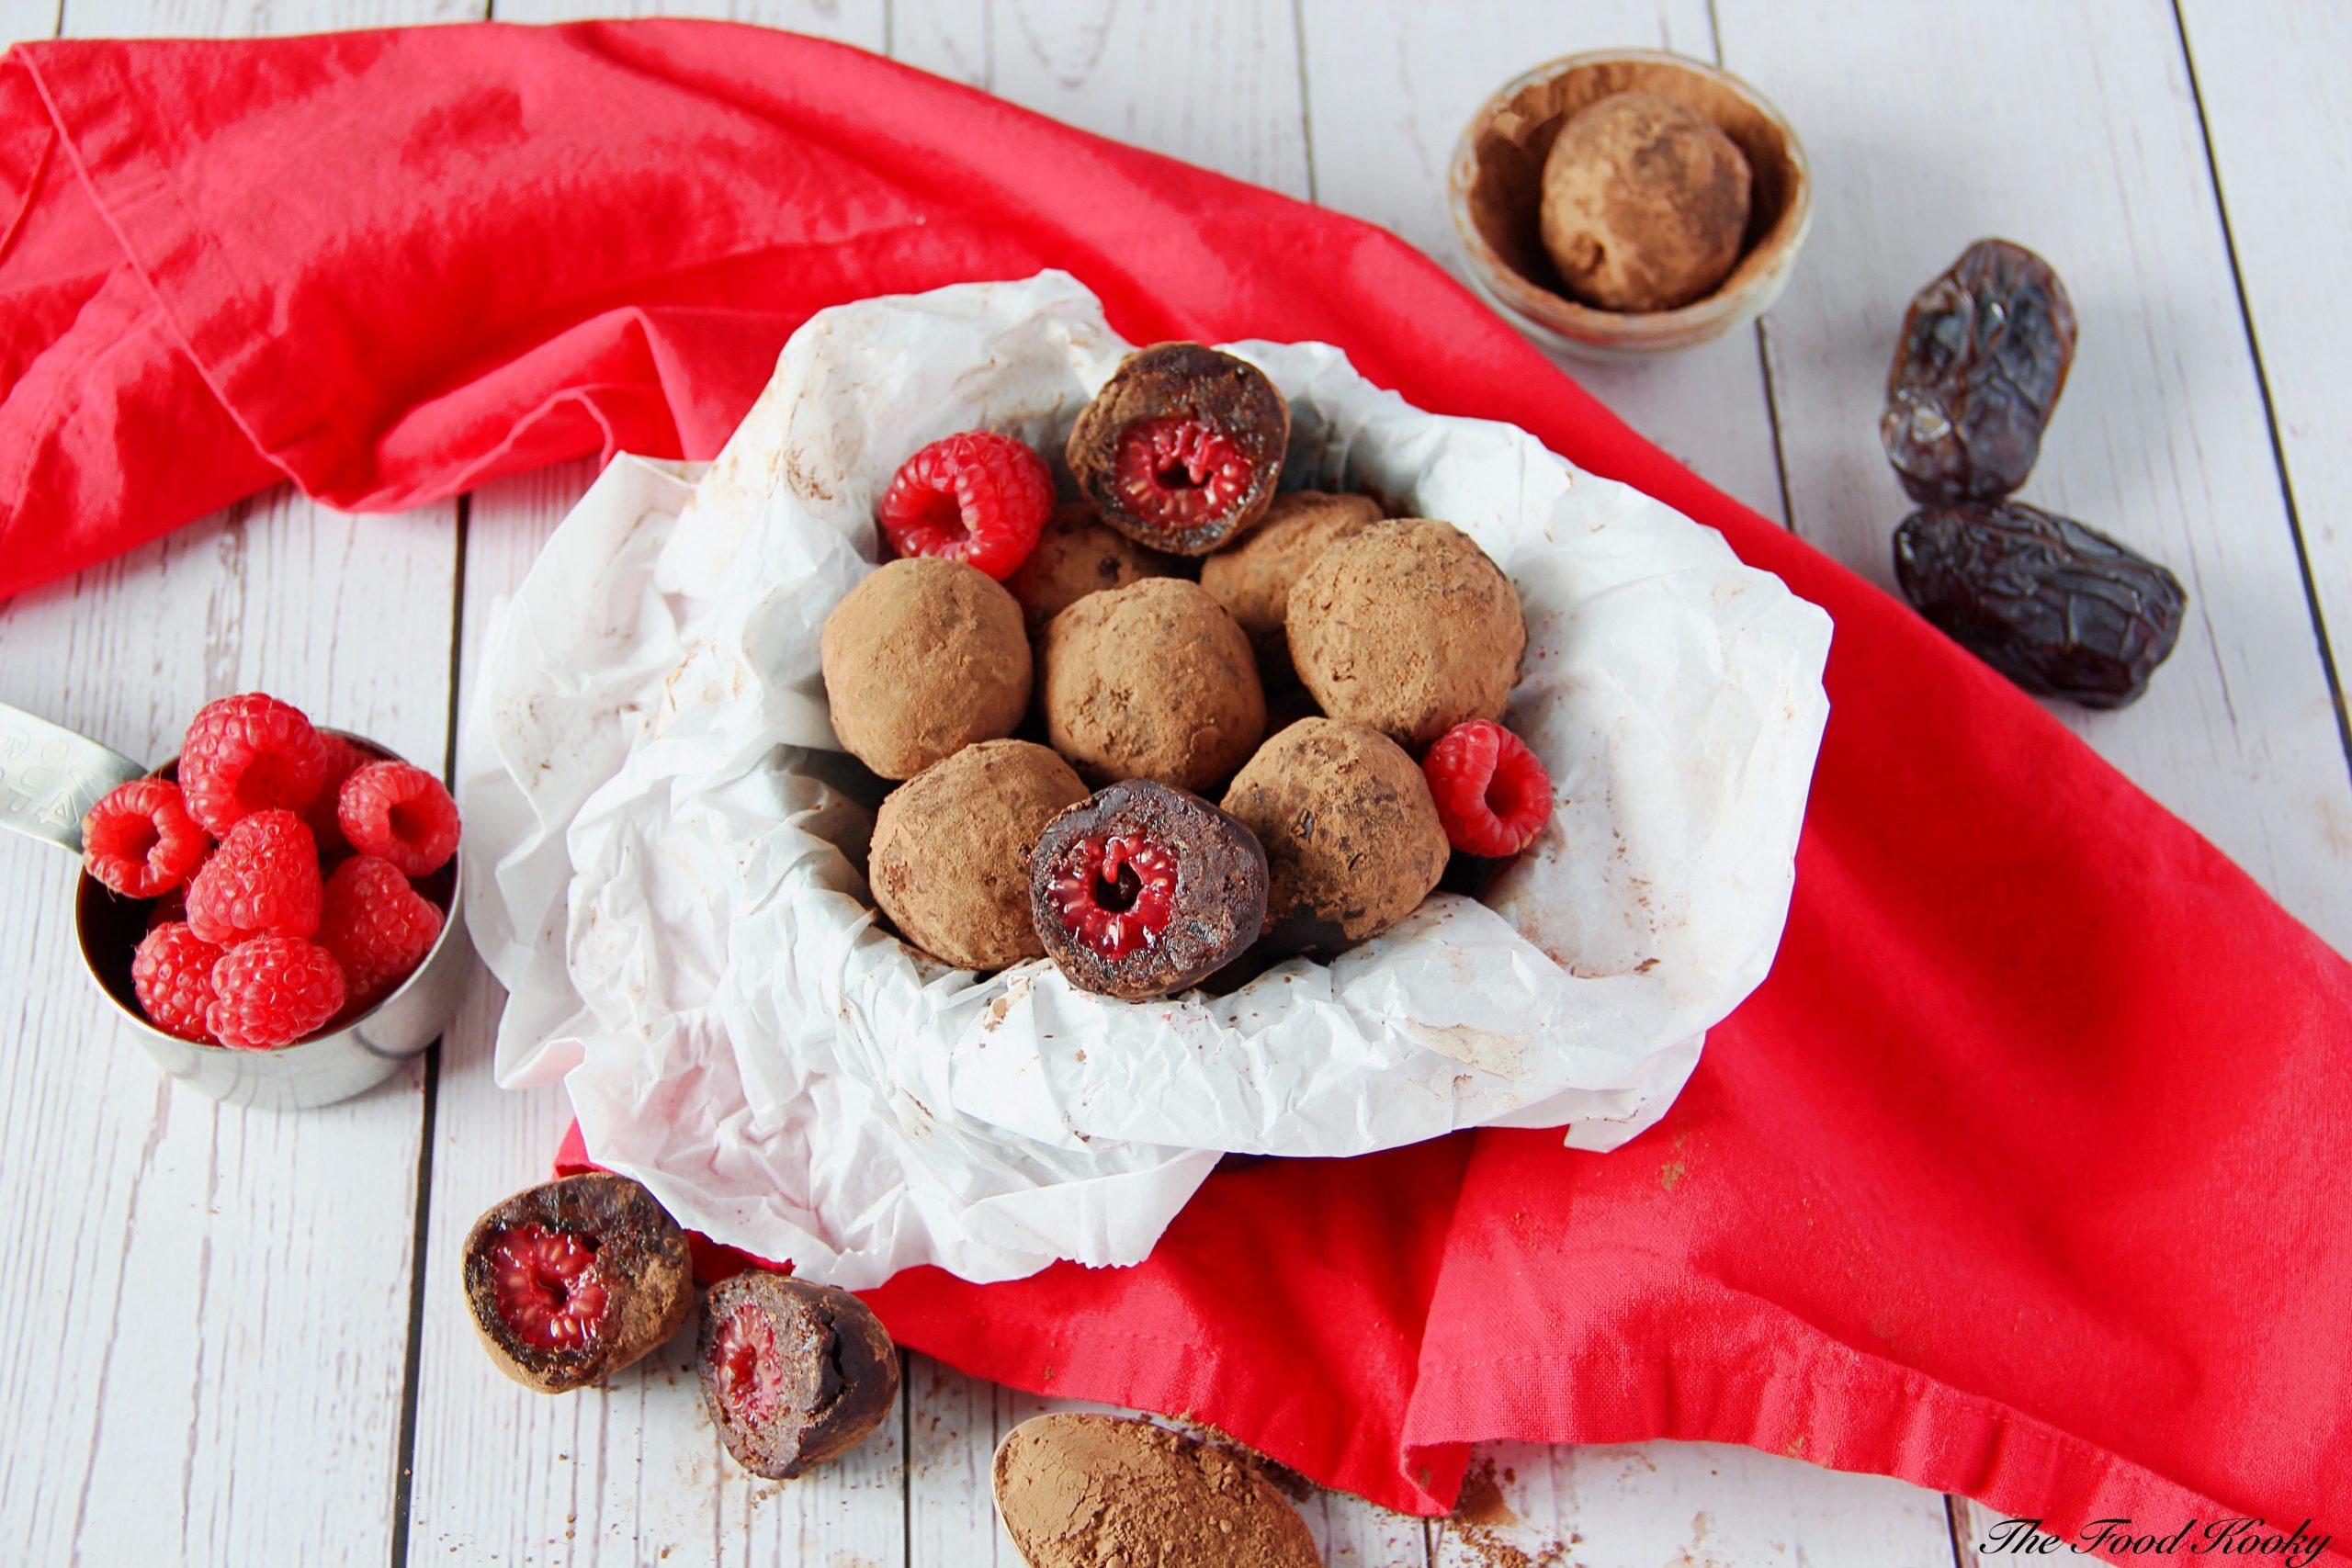 Chocolate Raspberry Truffles (Vegan, Paleo, Gluten Free)